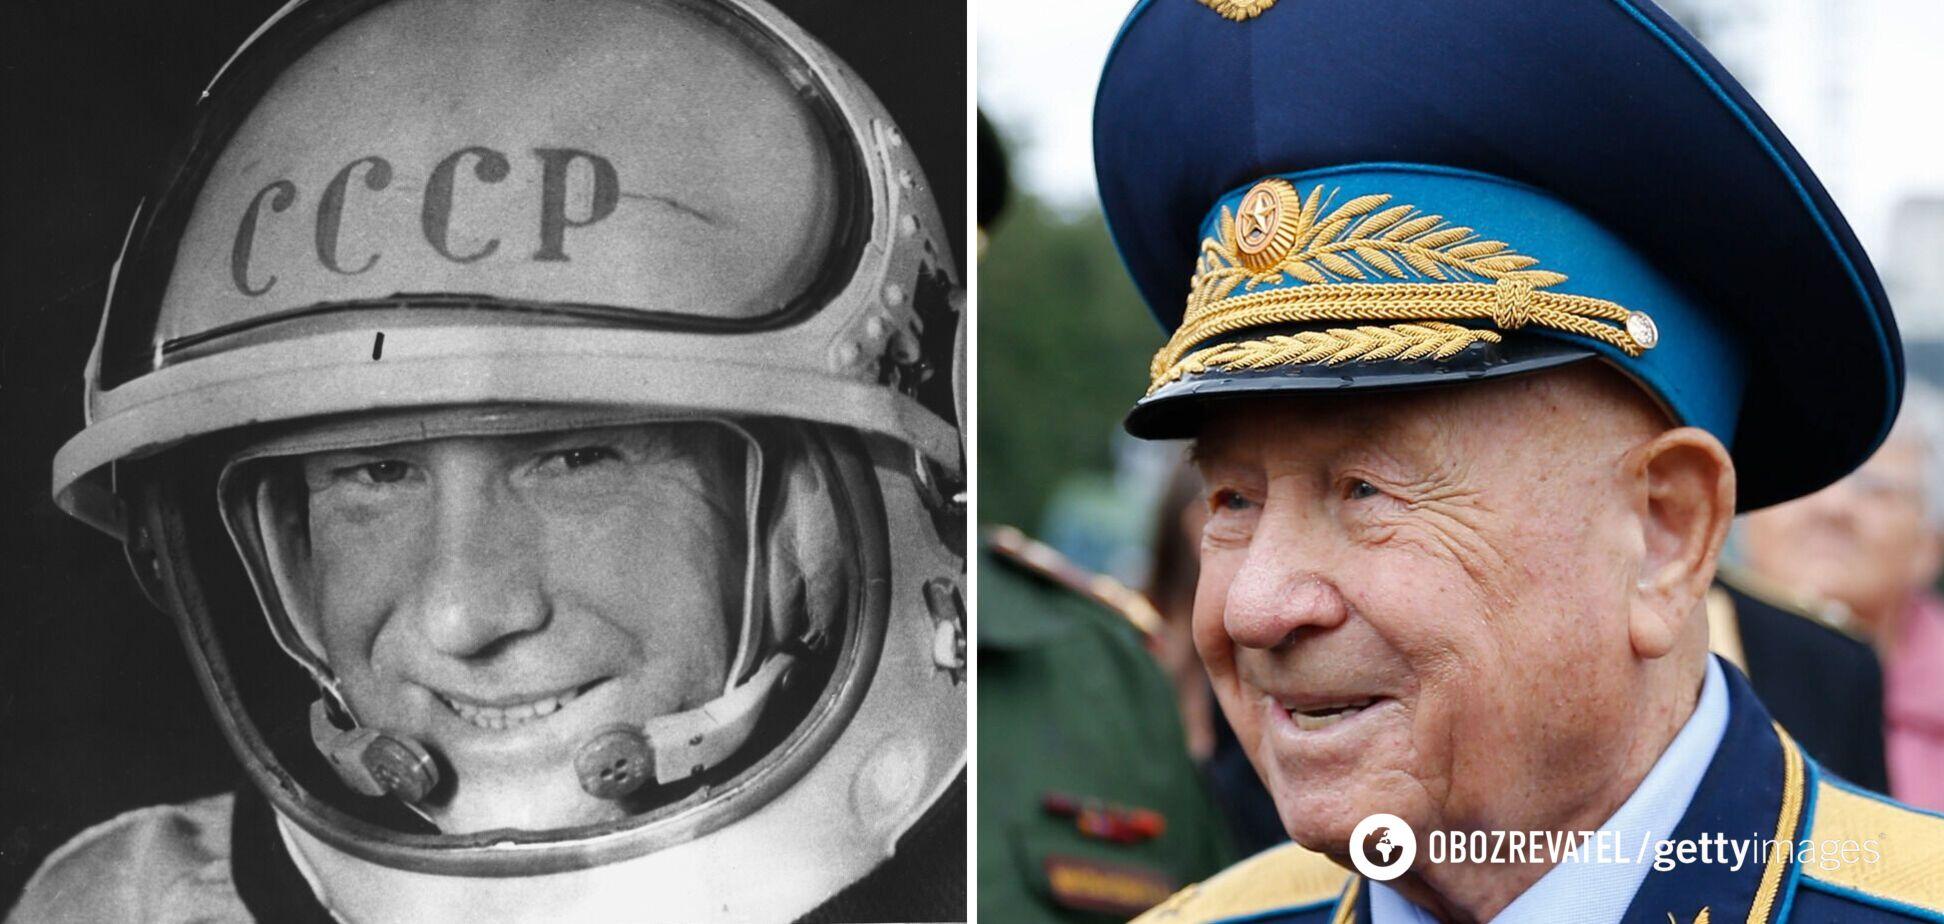 Алексей Леонов родился 30 мая 1934 года в Сибири